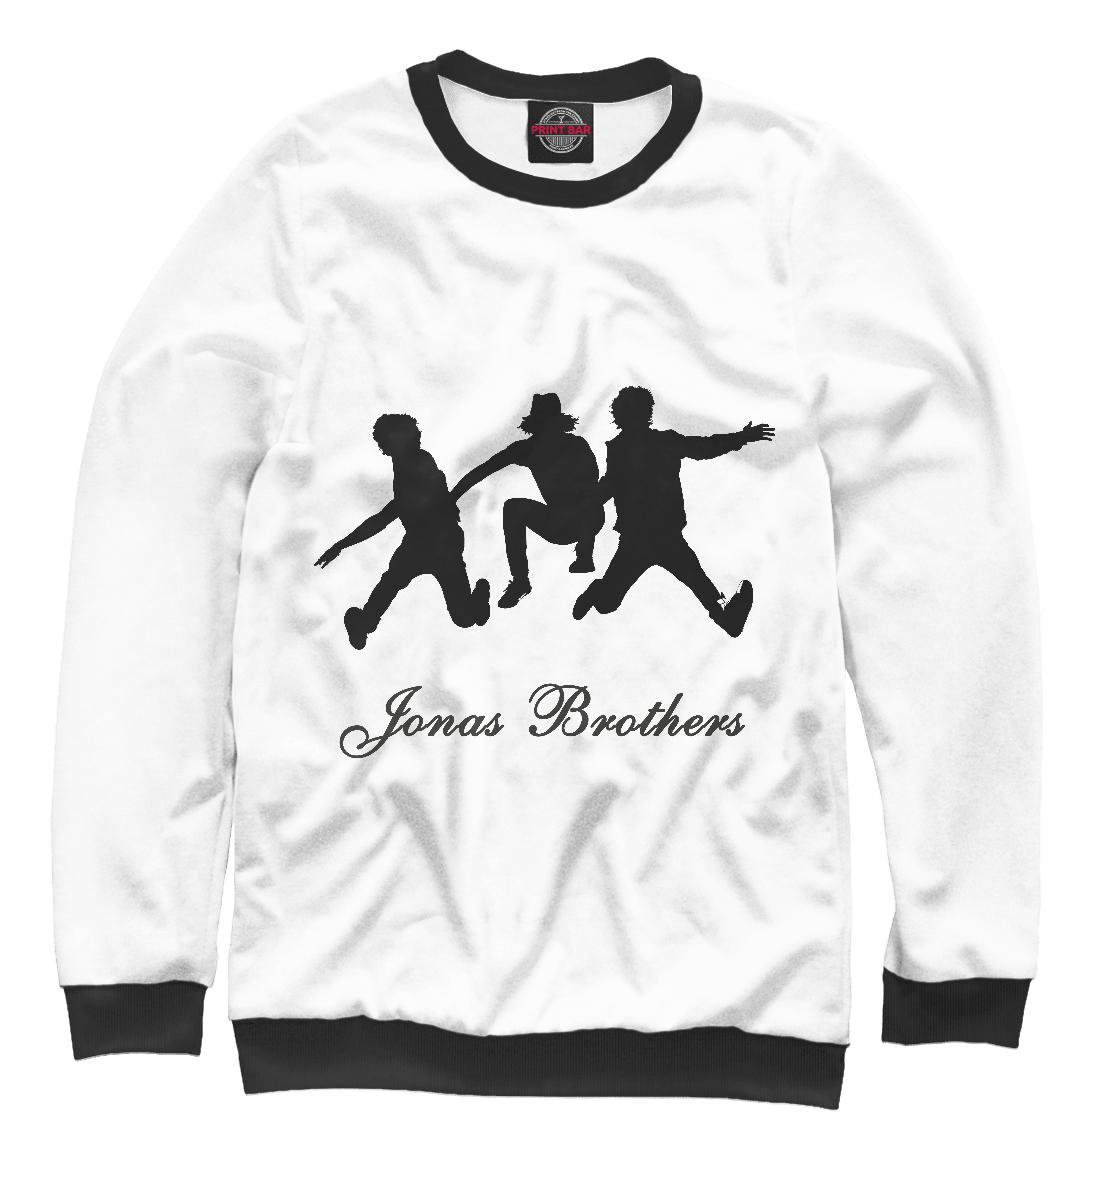 Фото - Jonas Brothers eric jonas swensson kinderbeten